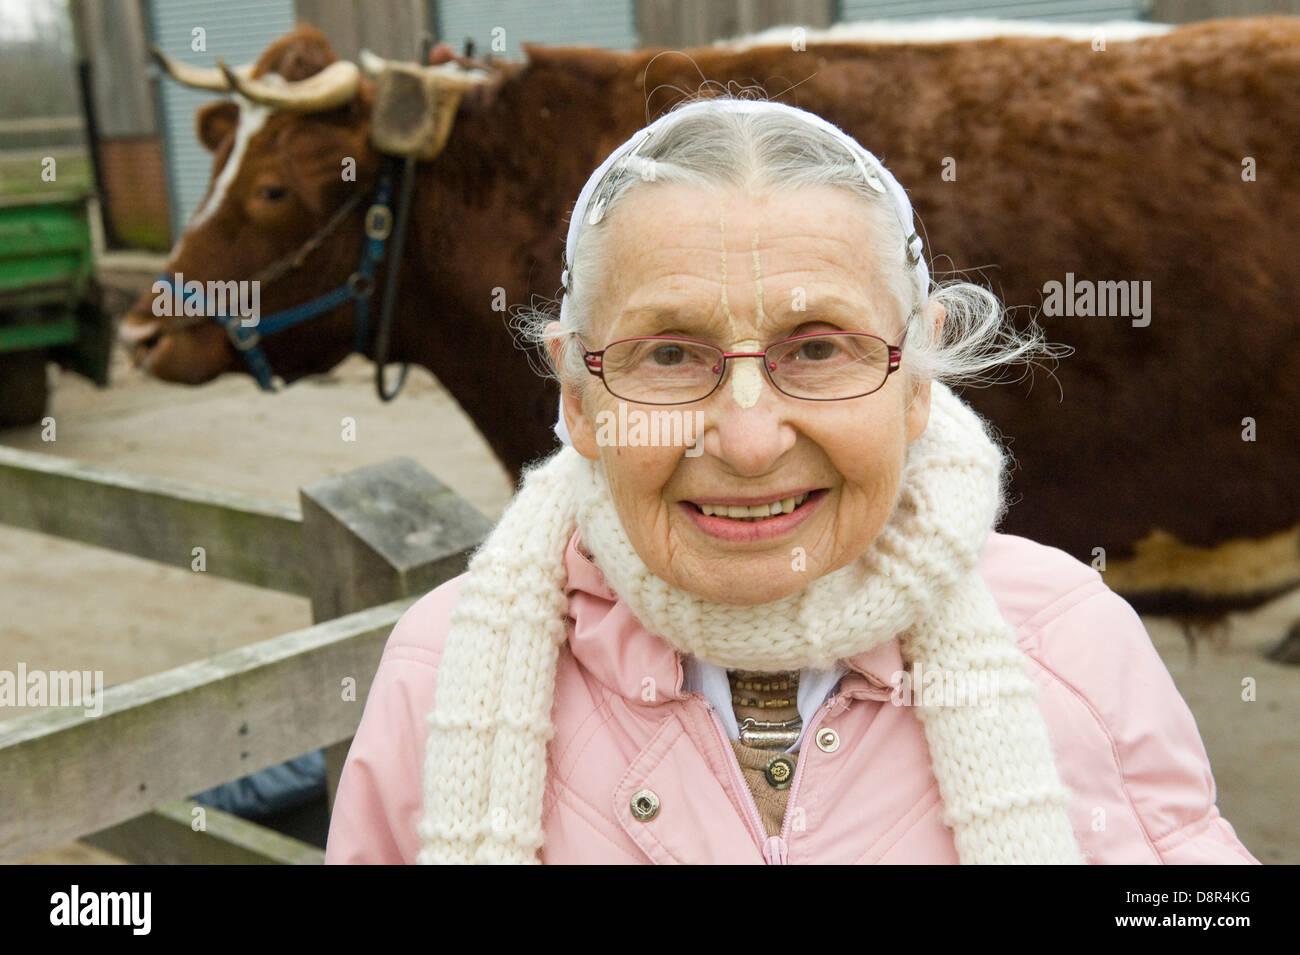 """Caseificio Gokul pix e copyright Nick Cunard gli Hare Krishna mandria di 44 vacche e buoi al George Harrison vecchia magione nel Hertfordshire è calmo come un tempio. Gokul Dairy Farm [significato luogo di vacche ] comprende 44 vacche e buoi parte di George Harrison vecchia magione Bhaktivedanta Manor nel Hertfordshire . Un £2,5m """" protetto cow' complessa è stato chiamato un """"Hilton per vacche' e un modello sostenibile per la produzione lattiero-casearia. 3 mila mq di edificio che è la mandria per l'inverno home, è un incrocio tra un nido, un fabbricato e una vecchia mucca home. Pur non essendo attualmente in vendita al pubblico dei costi IT Foto Stock"""